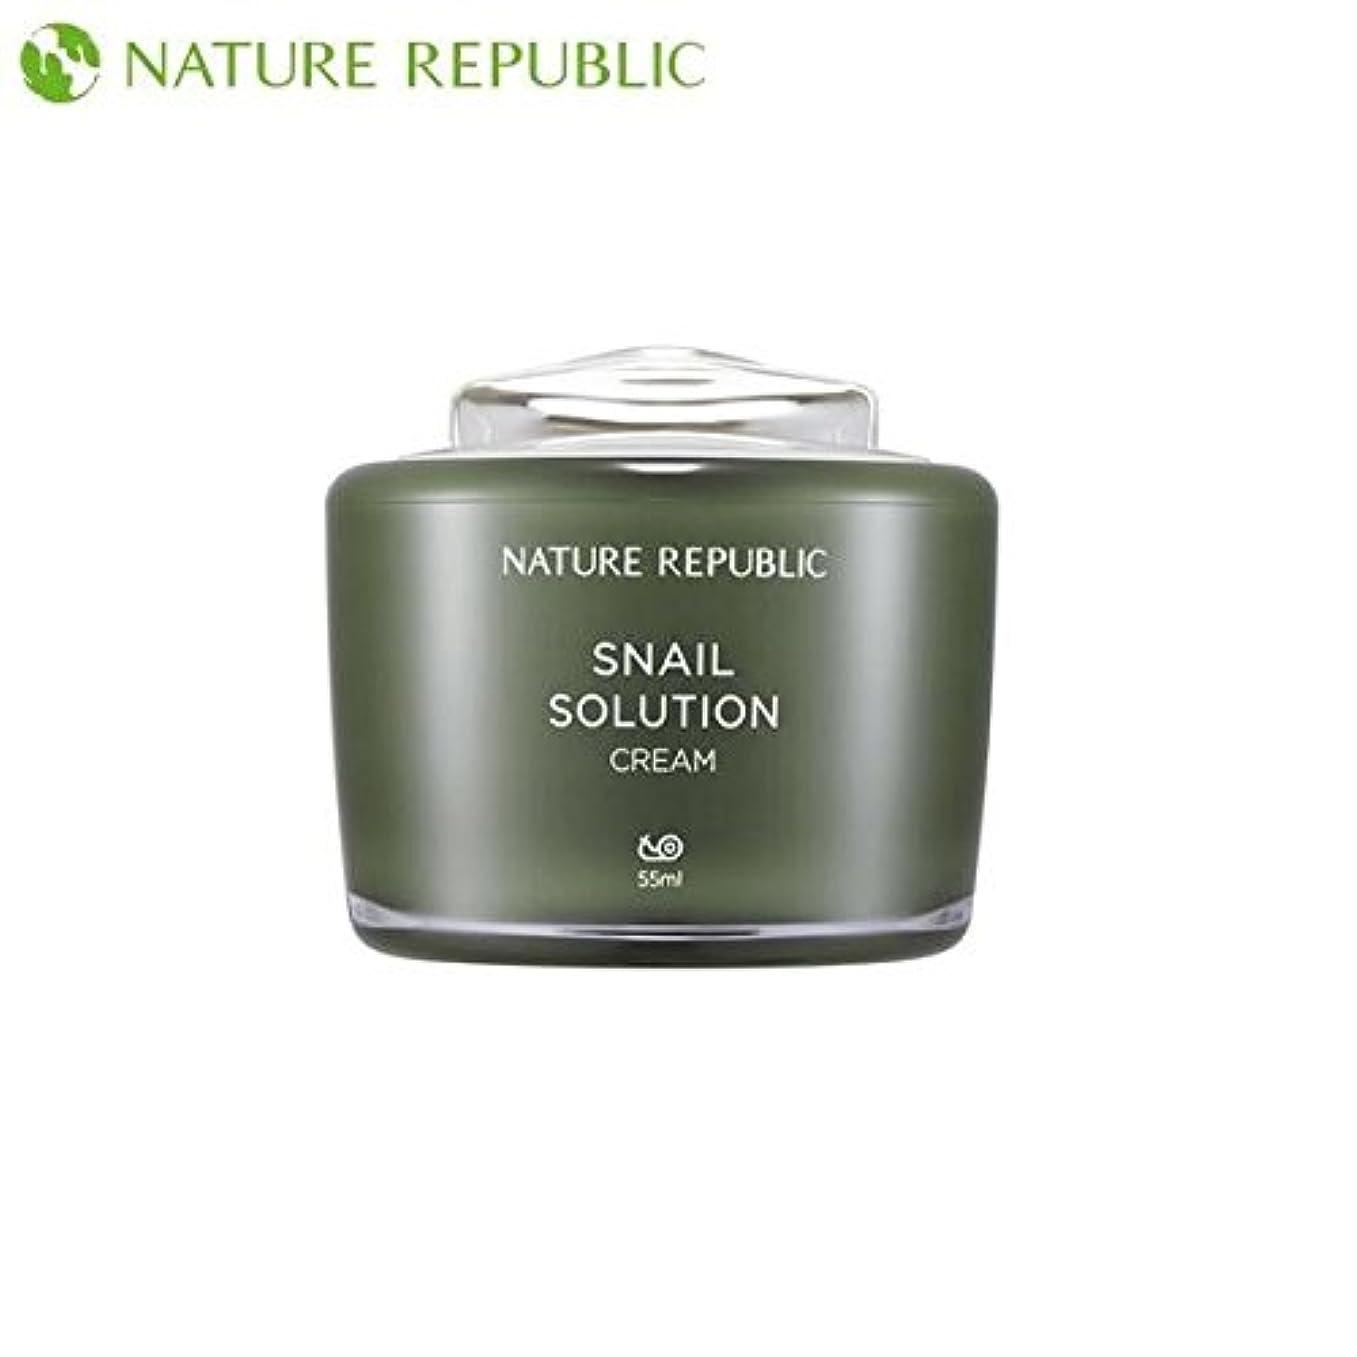 思い出す口システム正規輸入品 NATURE REPUBLIC(ネイチャーリパブリック) S SOL クリーム b 55ml NK0637